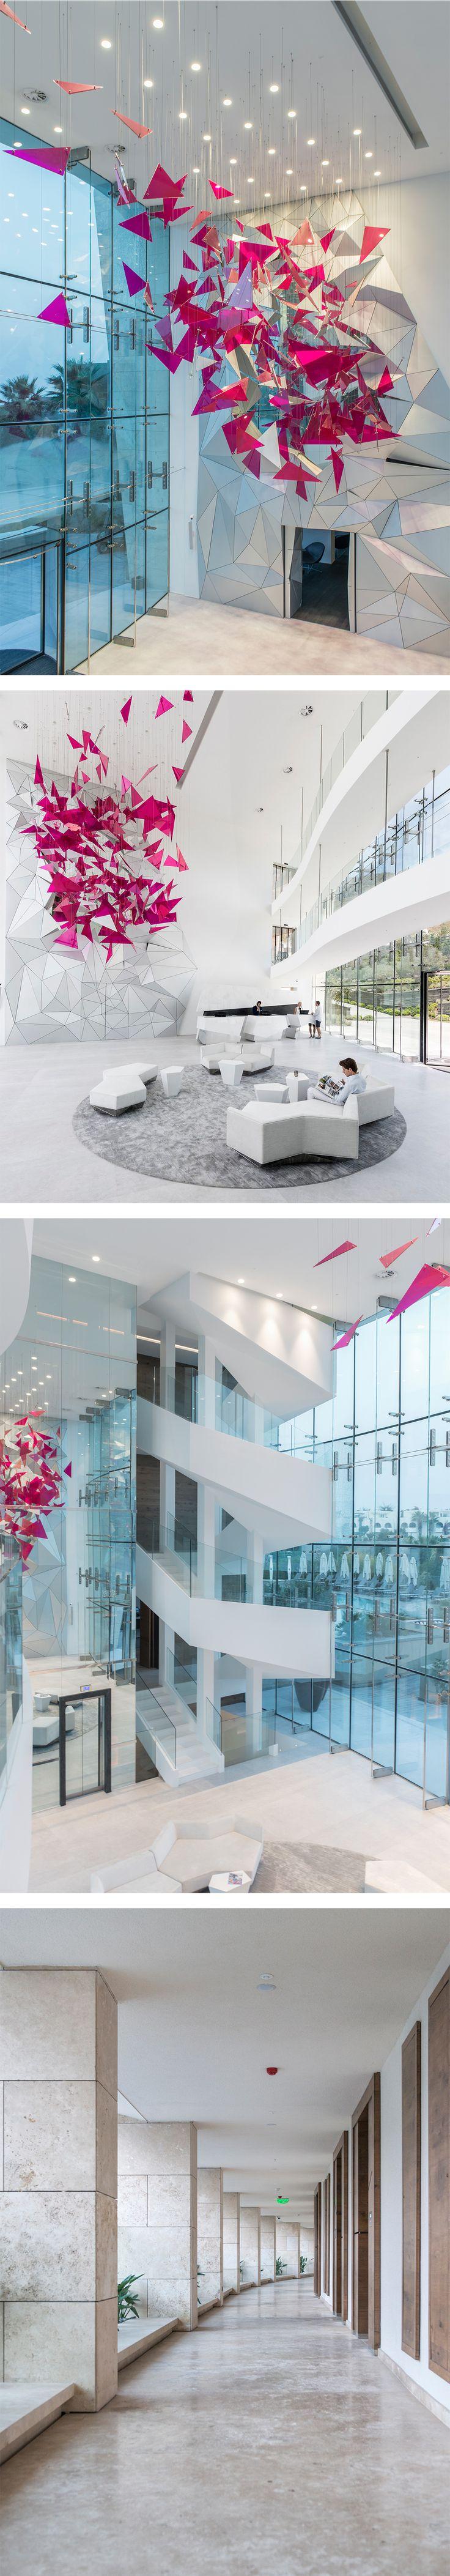 #hotel #hoteldesign #architecture #architecturaldrawing #GADarchitecture #GAD #interiordesign #turkey #swissotel #turkiye #architect #mimar #mimarlik #pool #plans #villa #bodrum #luxury #largeimage #gokhanavcioglu #gadarchitecture #gadfoundation